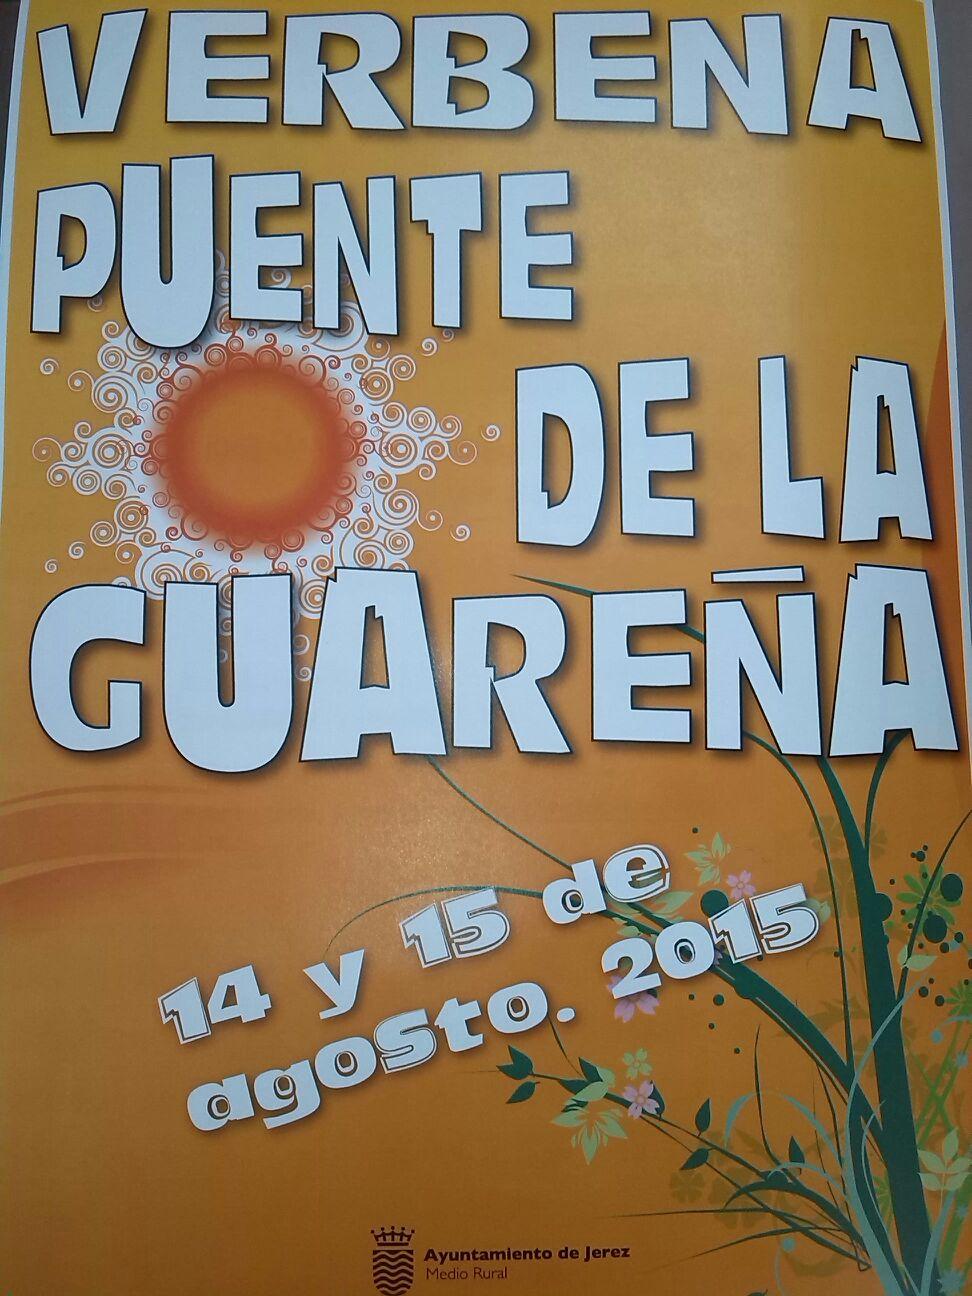 La Guareña celebra la Verbena 2015 con actividades dirigidas principalmente a los más pequeños